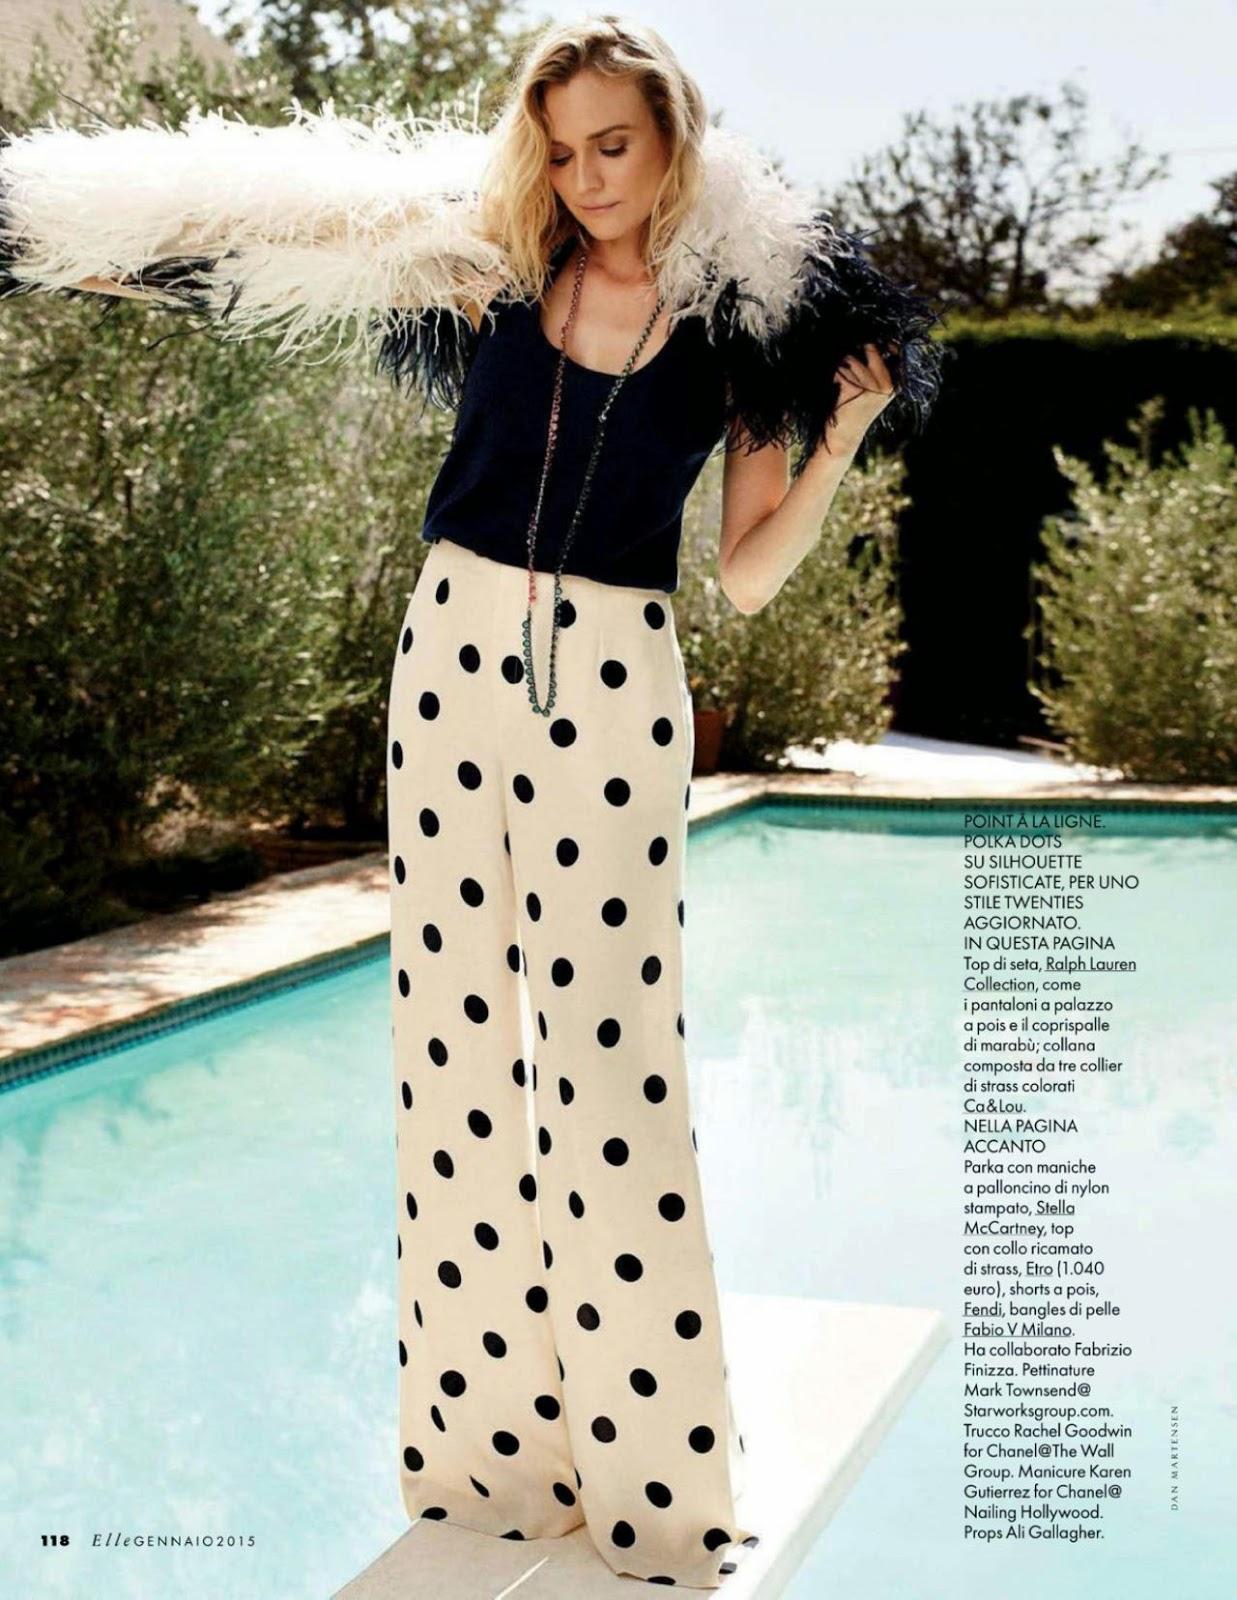 صور الممثلة الألمانية ديان كروغر في مجلة Elle الايطالية إصدار يناير 2015